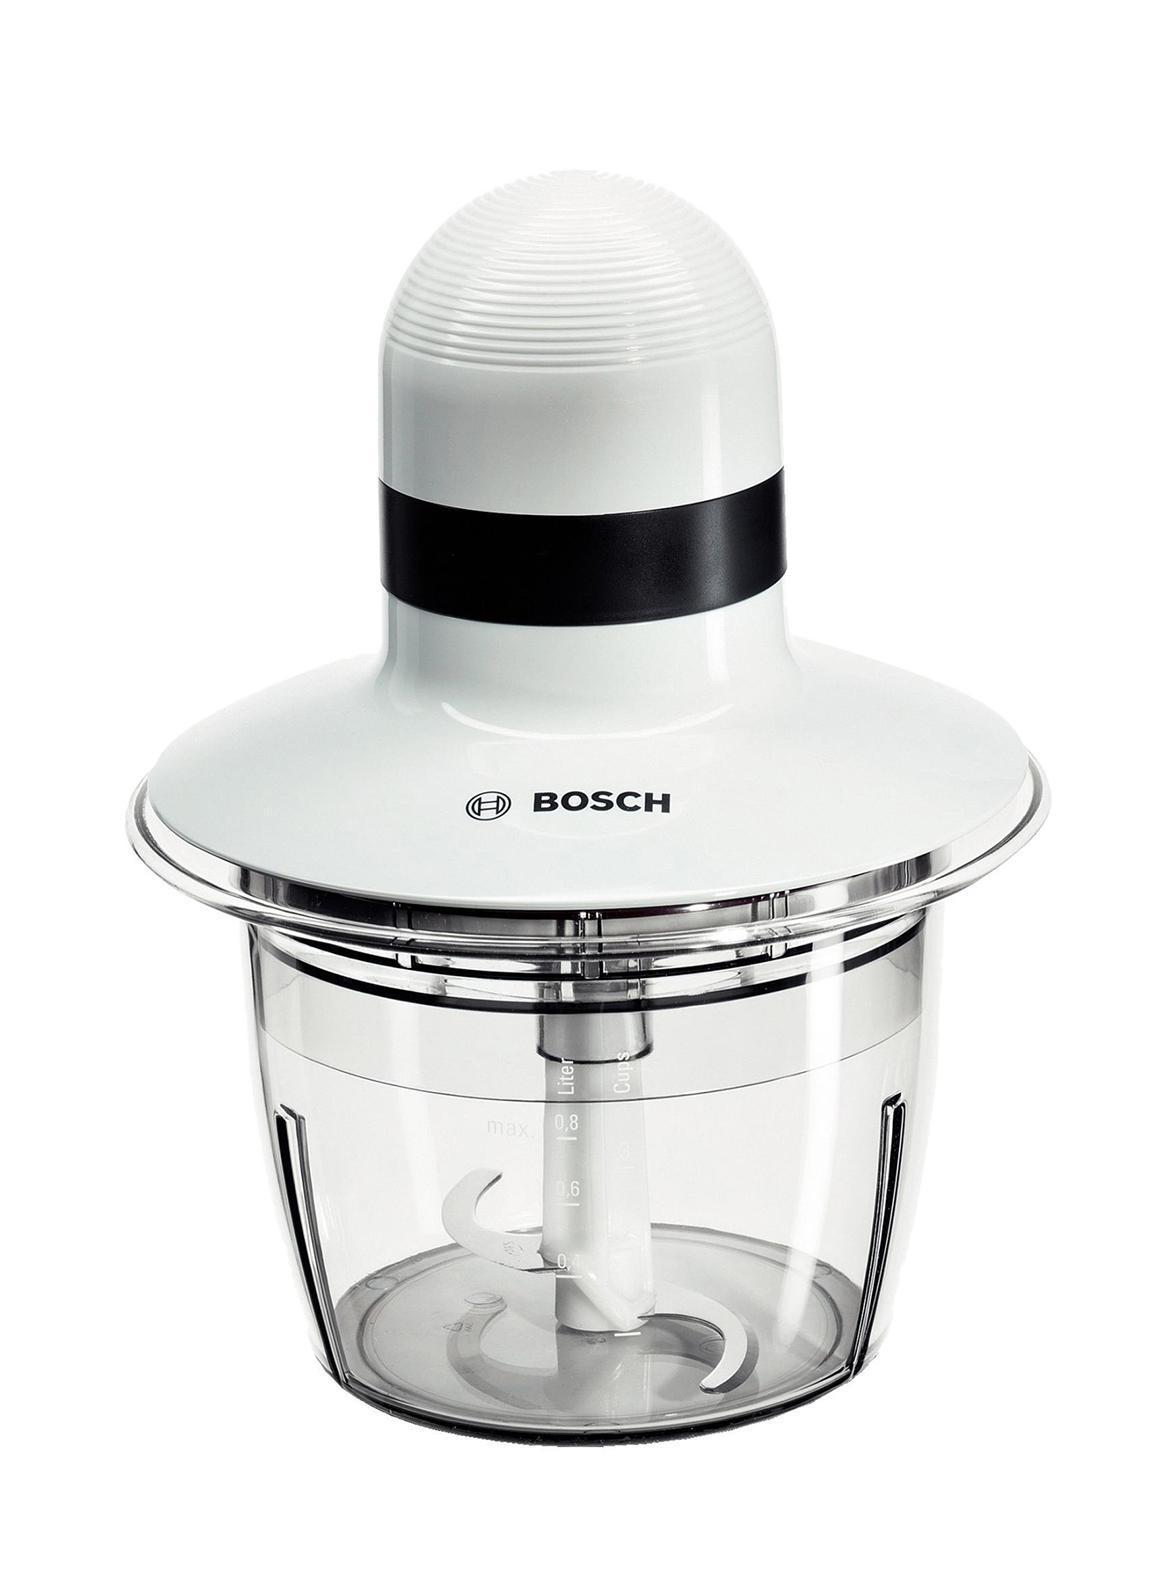 Bosch MMR08A1 измельчительMmr 08A1Простой в эксплуатации измельчитель Bosch MMR08A1 прекрасно подойдет для приготовления овощных салатов, соусов, а также многих других блюд. Чаша-измельчитель с рядом лопастных ножей для измельчения мяса, рыбы, овощей и пр. Компактная, объём не превышает 0.8 л. Чаша изготовлена из ударопрочного пластика, а нож - из нержавеющей стали. Мощность устройства составляет 400 Вт, а работа возможно только в одном режиме и с одной скоростью. При этом пользователь отдельно может активировать импульсный режим во избежание излишней нагрузки на мотор при нарезании твёрдых продуктов.